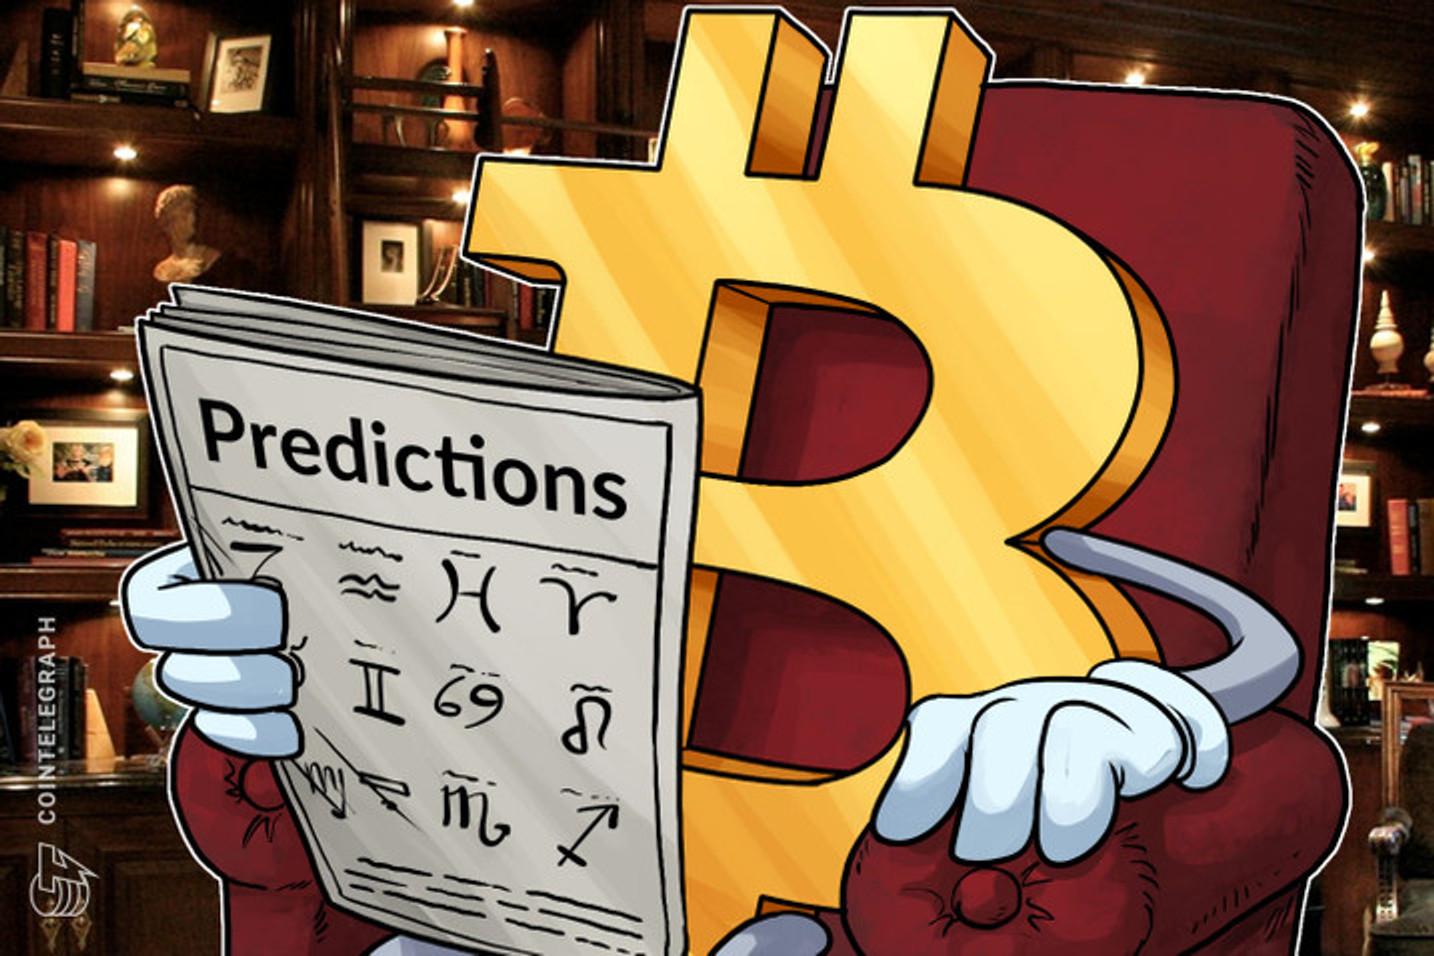 Dolar vai chegar a R$ 7,35 e Bitcoin vai passar de US$ 10 mil dizem previsões